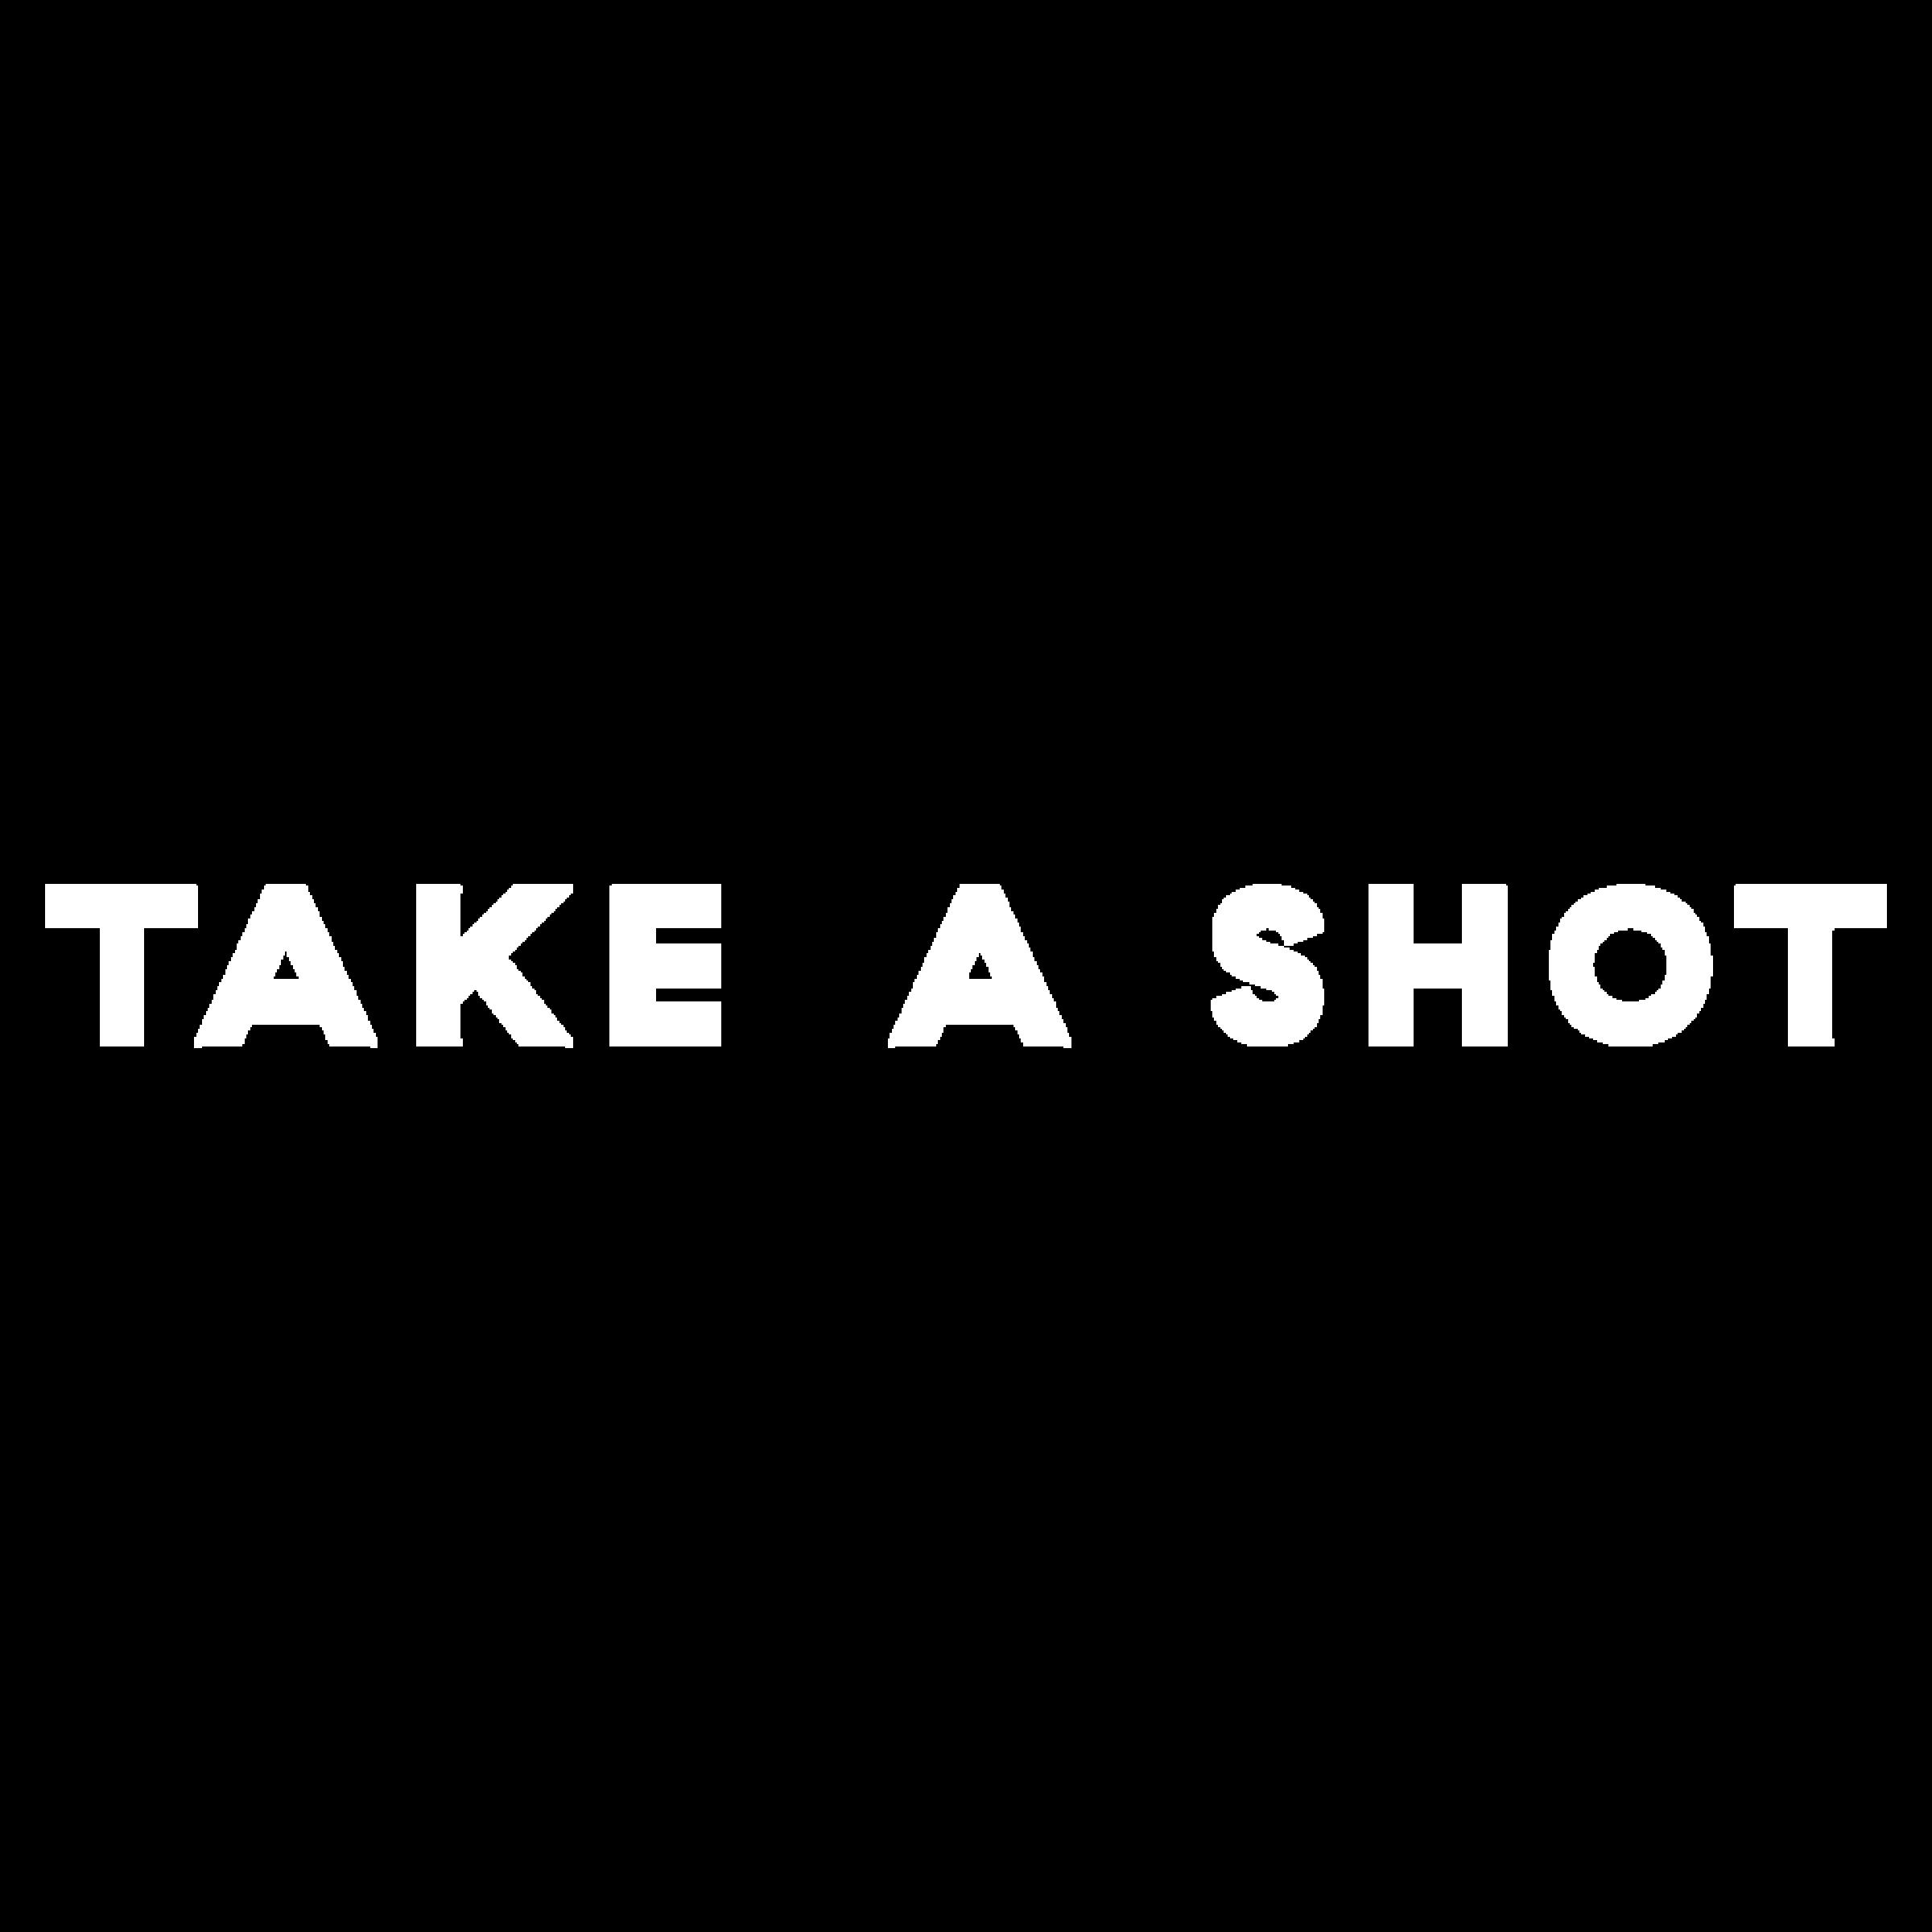 TAKE A SHOT Logo